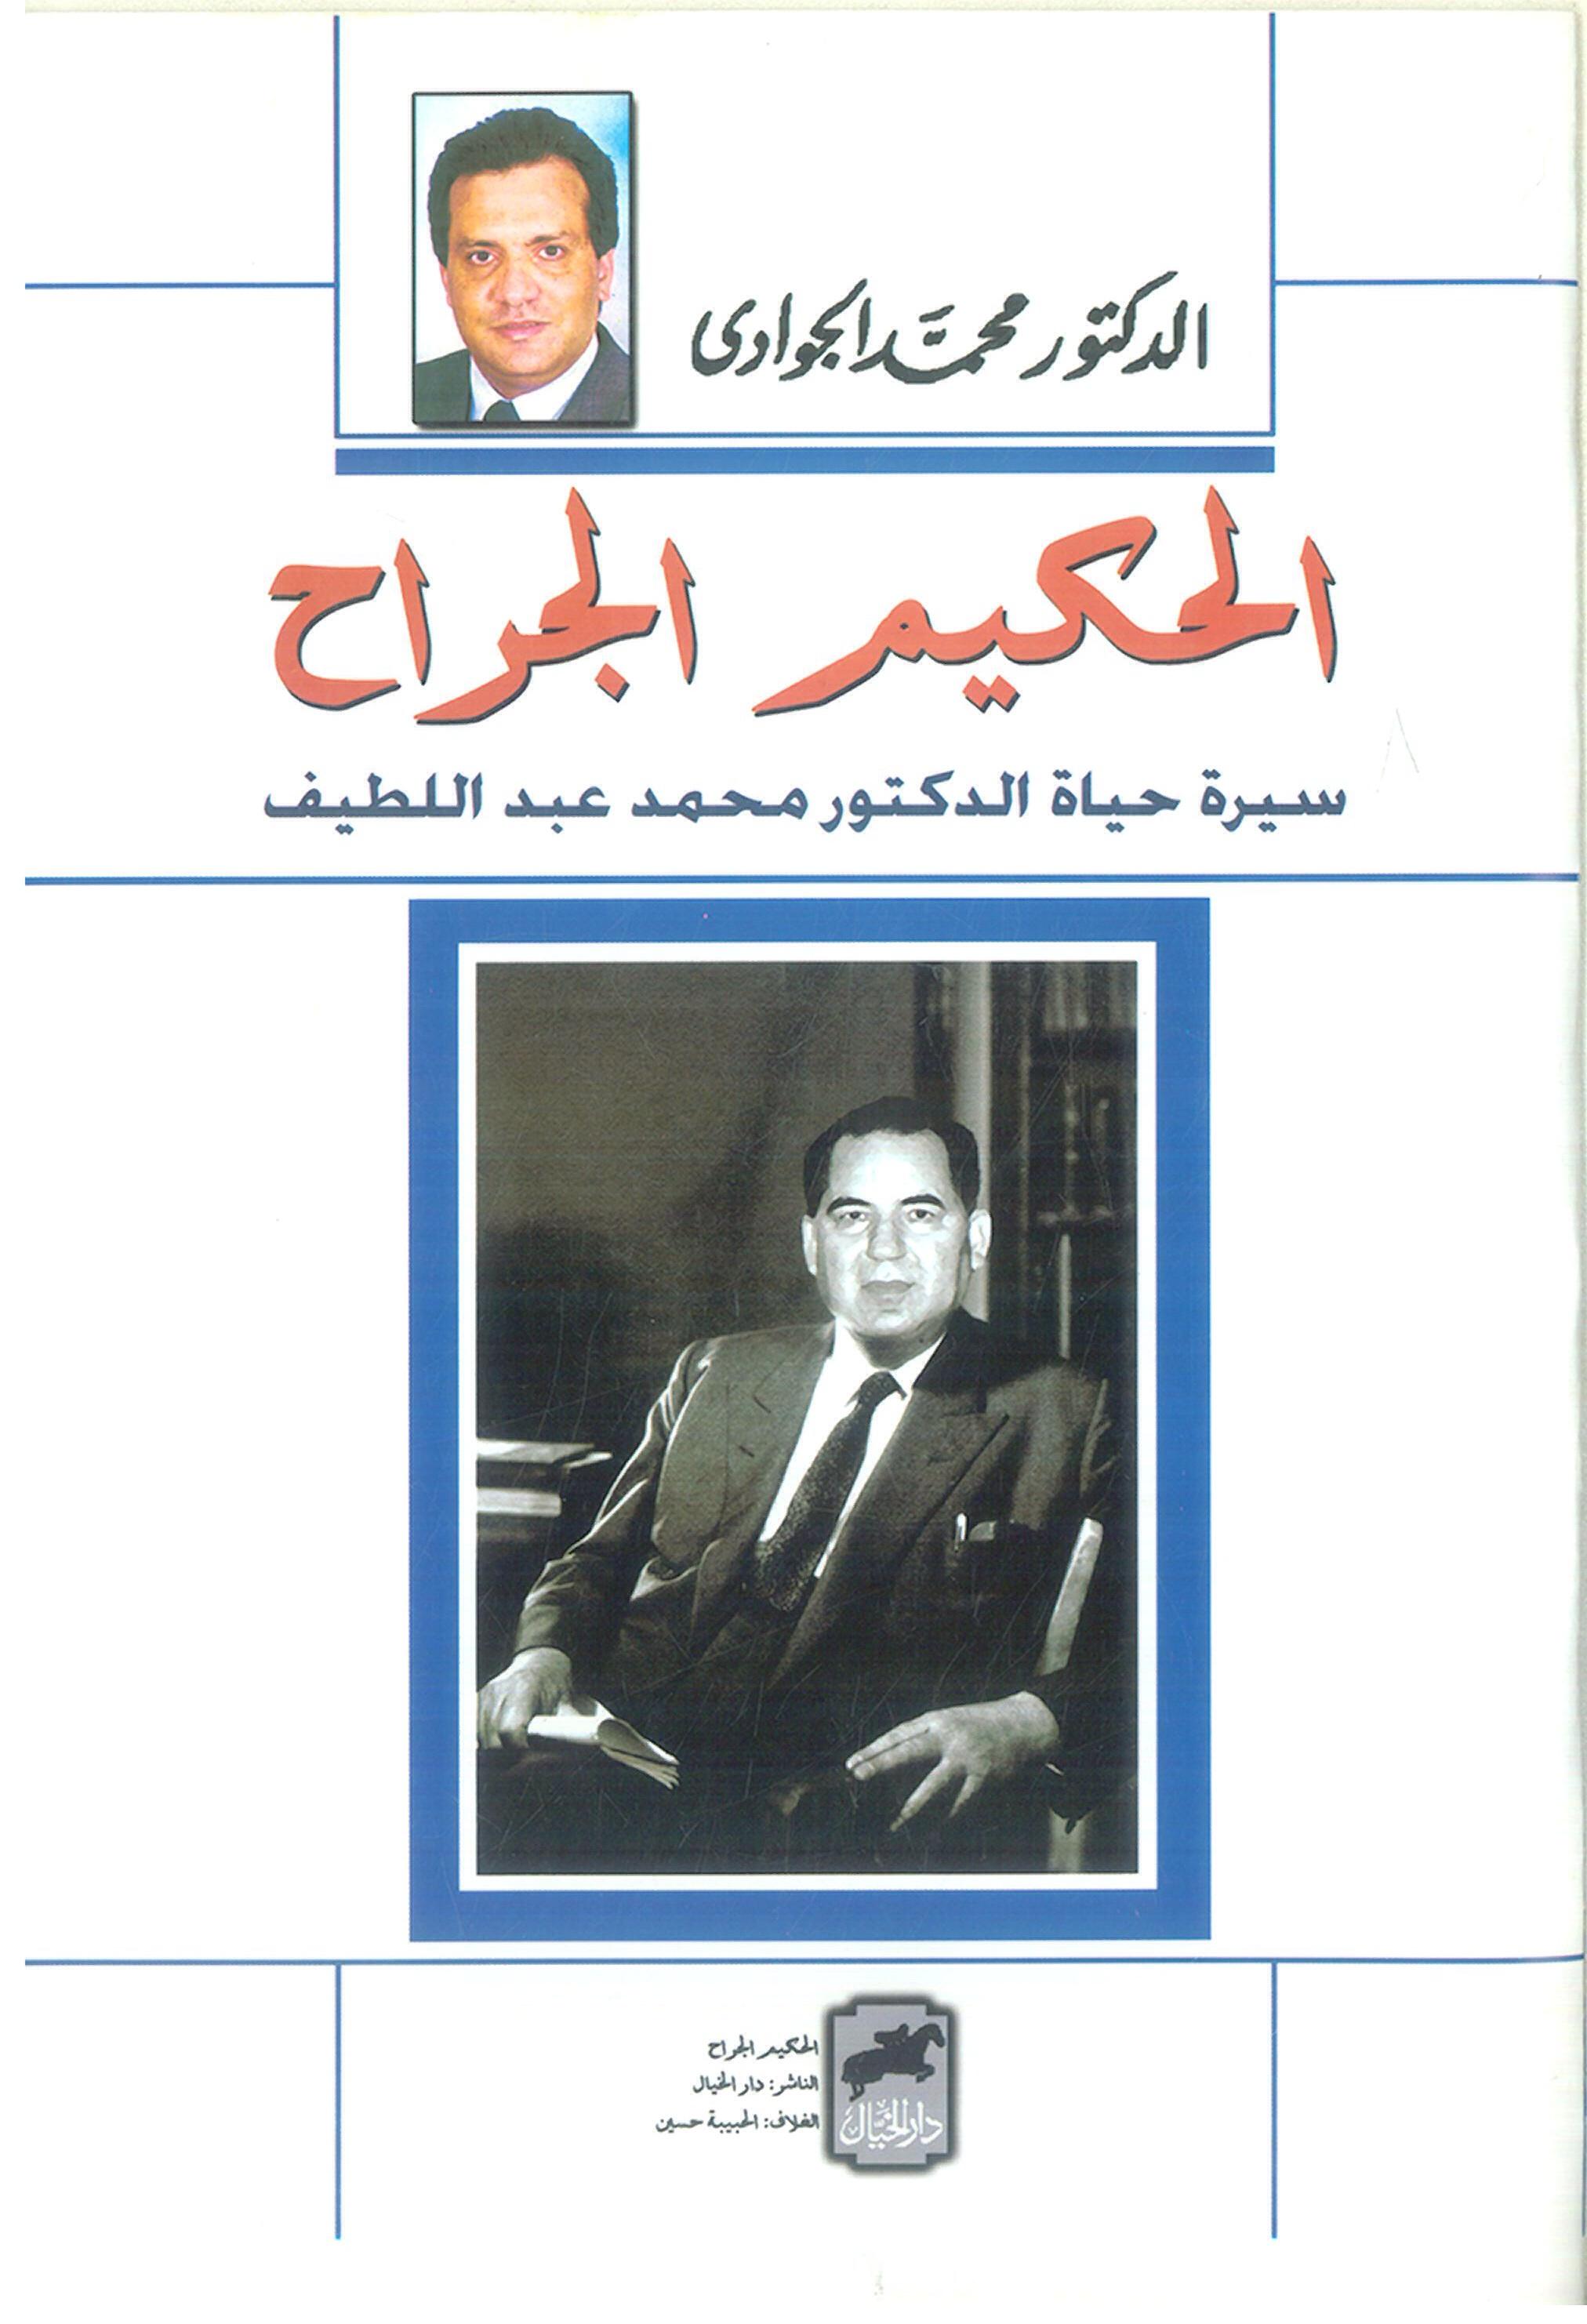 الحكيم الجراح : سيرة حياة د.محمد عبد اللطيف